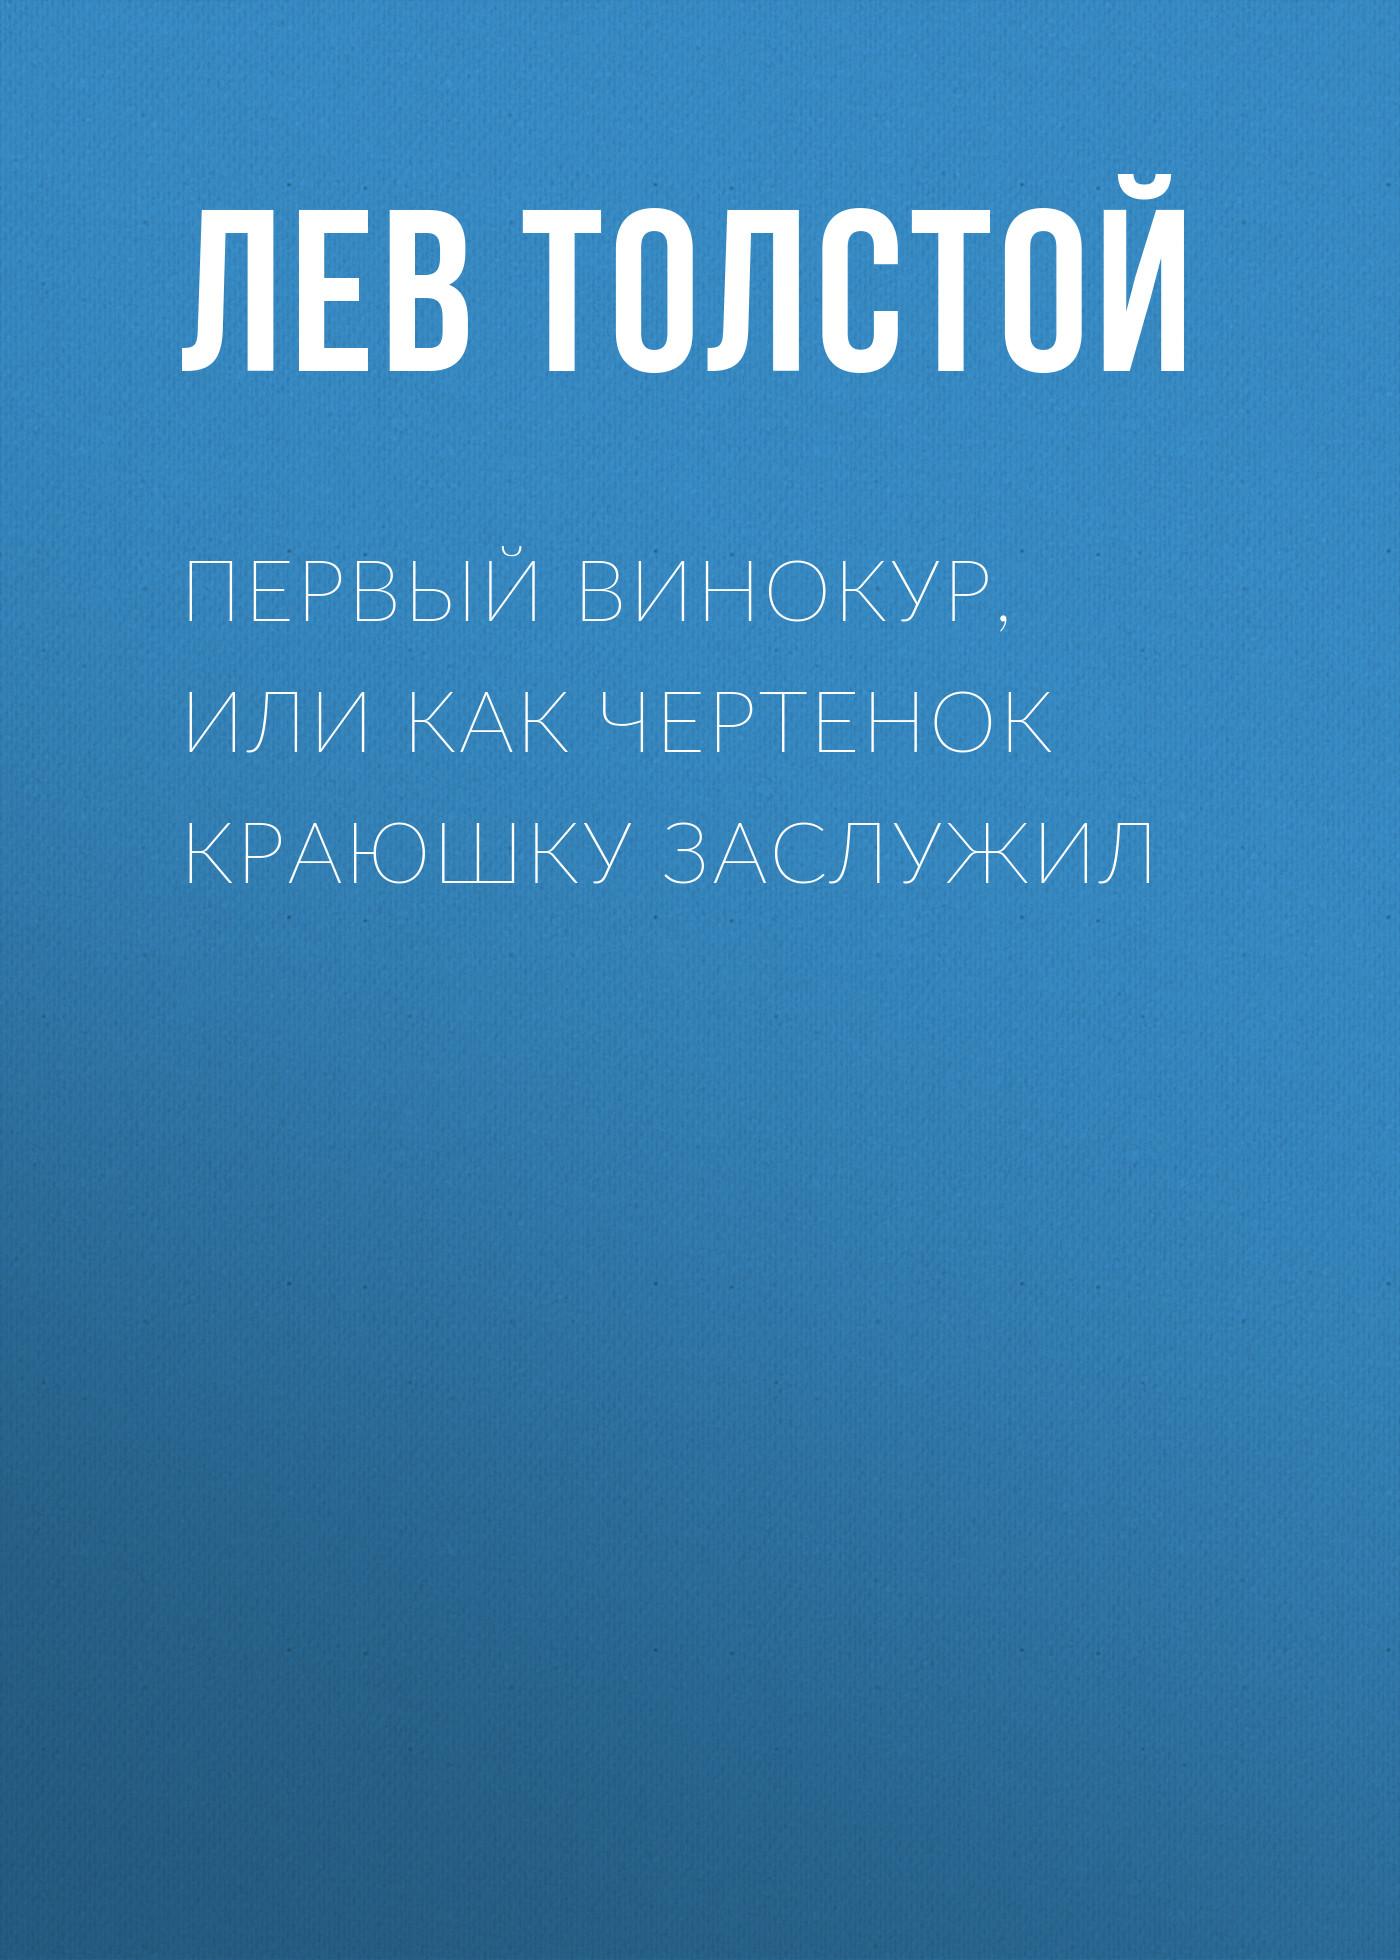 Лев Толстой Первый винокур, или Как чертенок краюшку заслужил чертенок 13